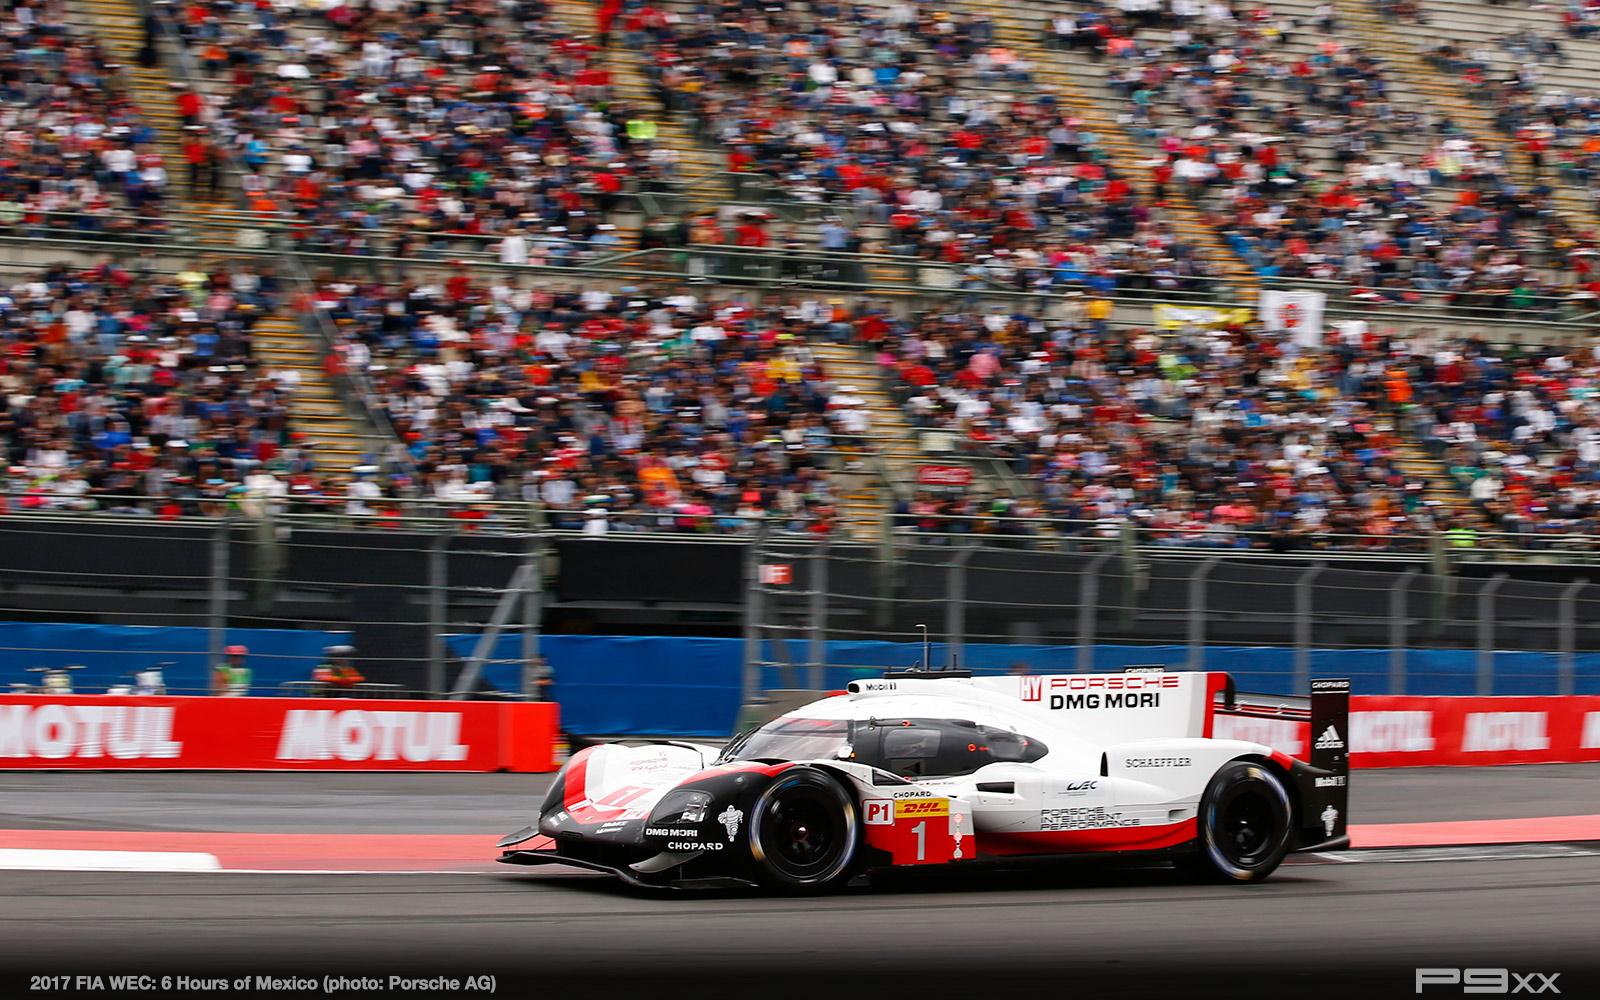 2017-FIA-WEC-6-HOURS-MEXICO-PORSCHE-1307